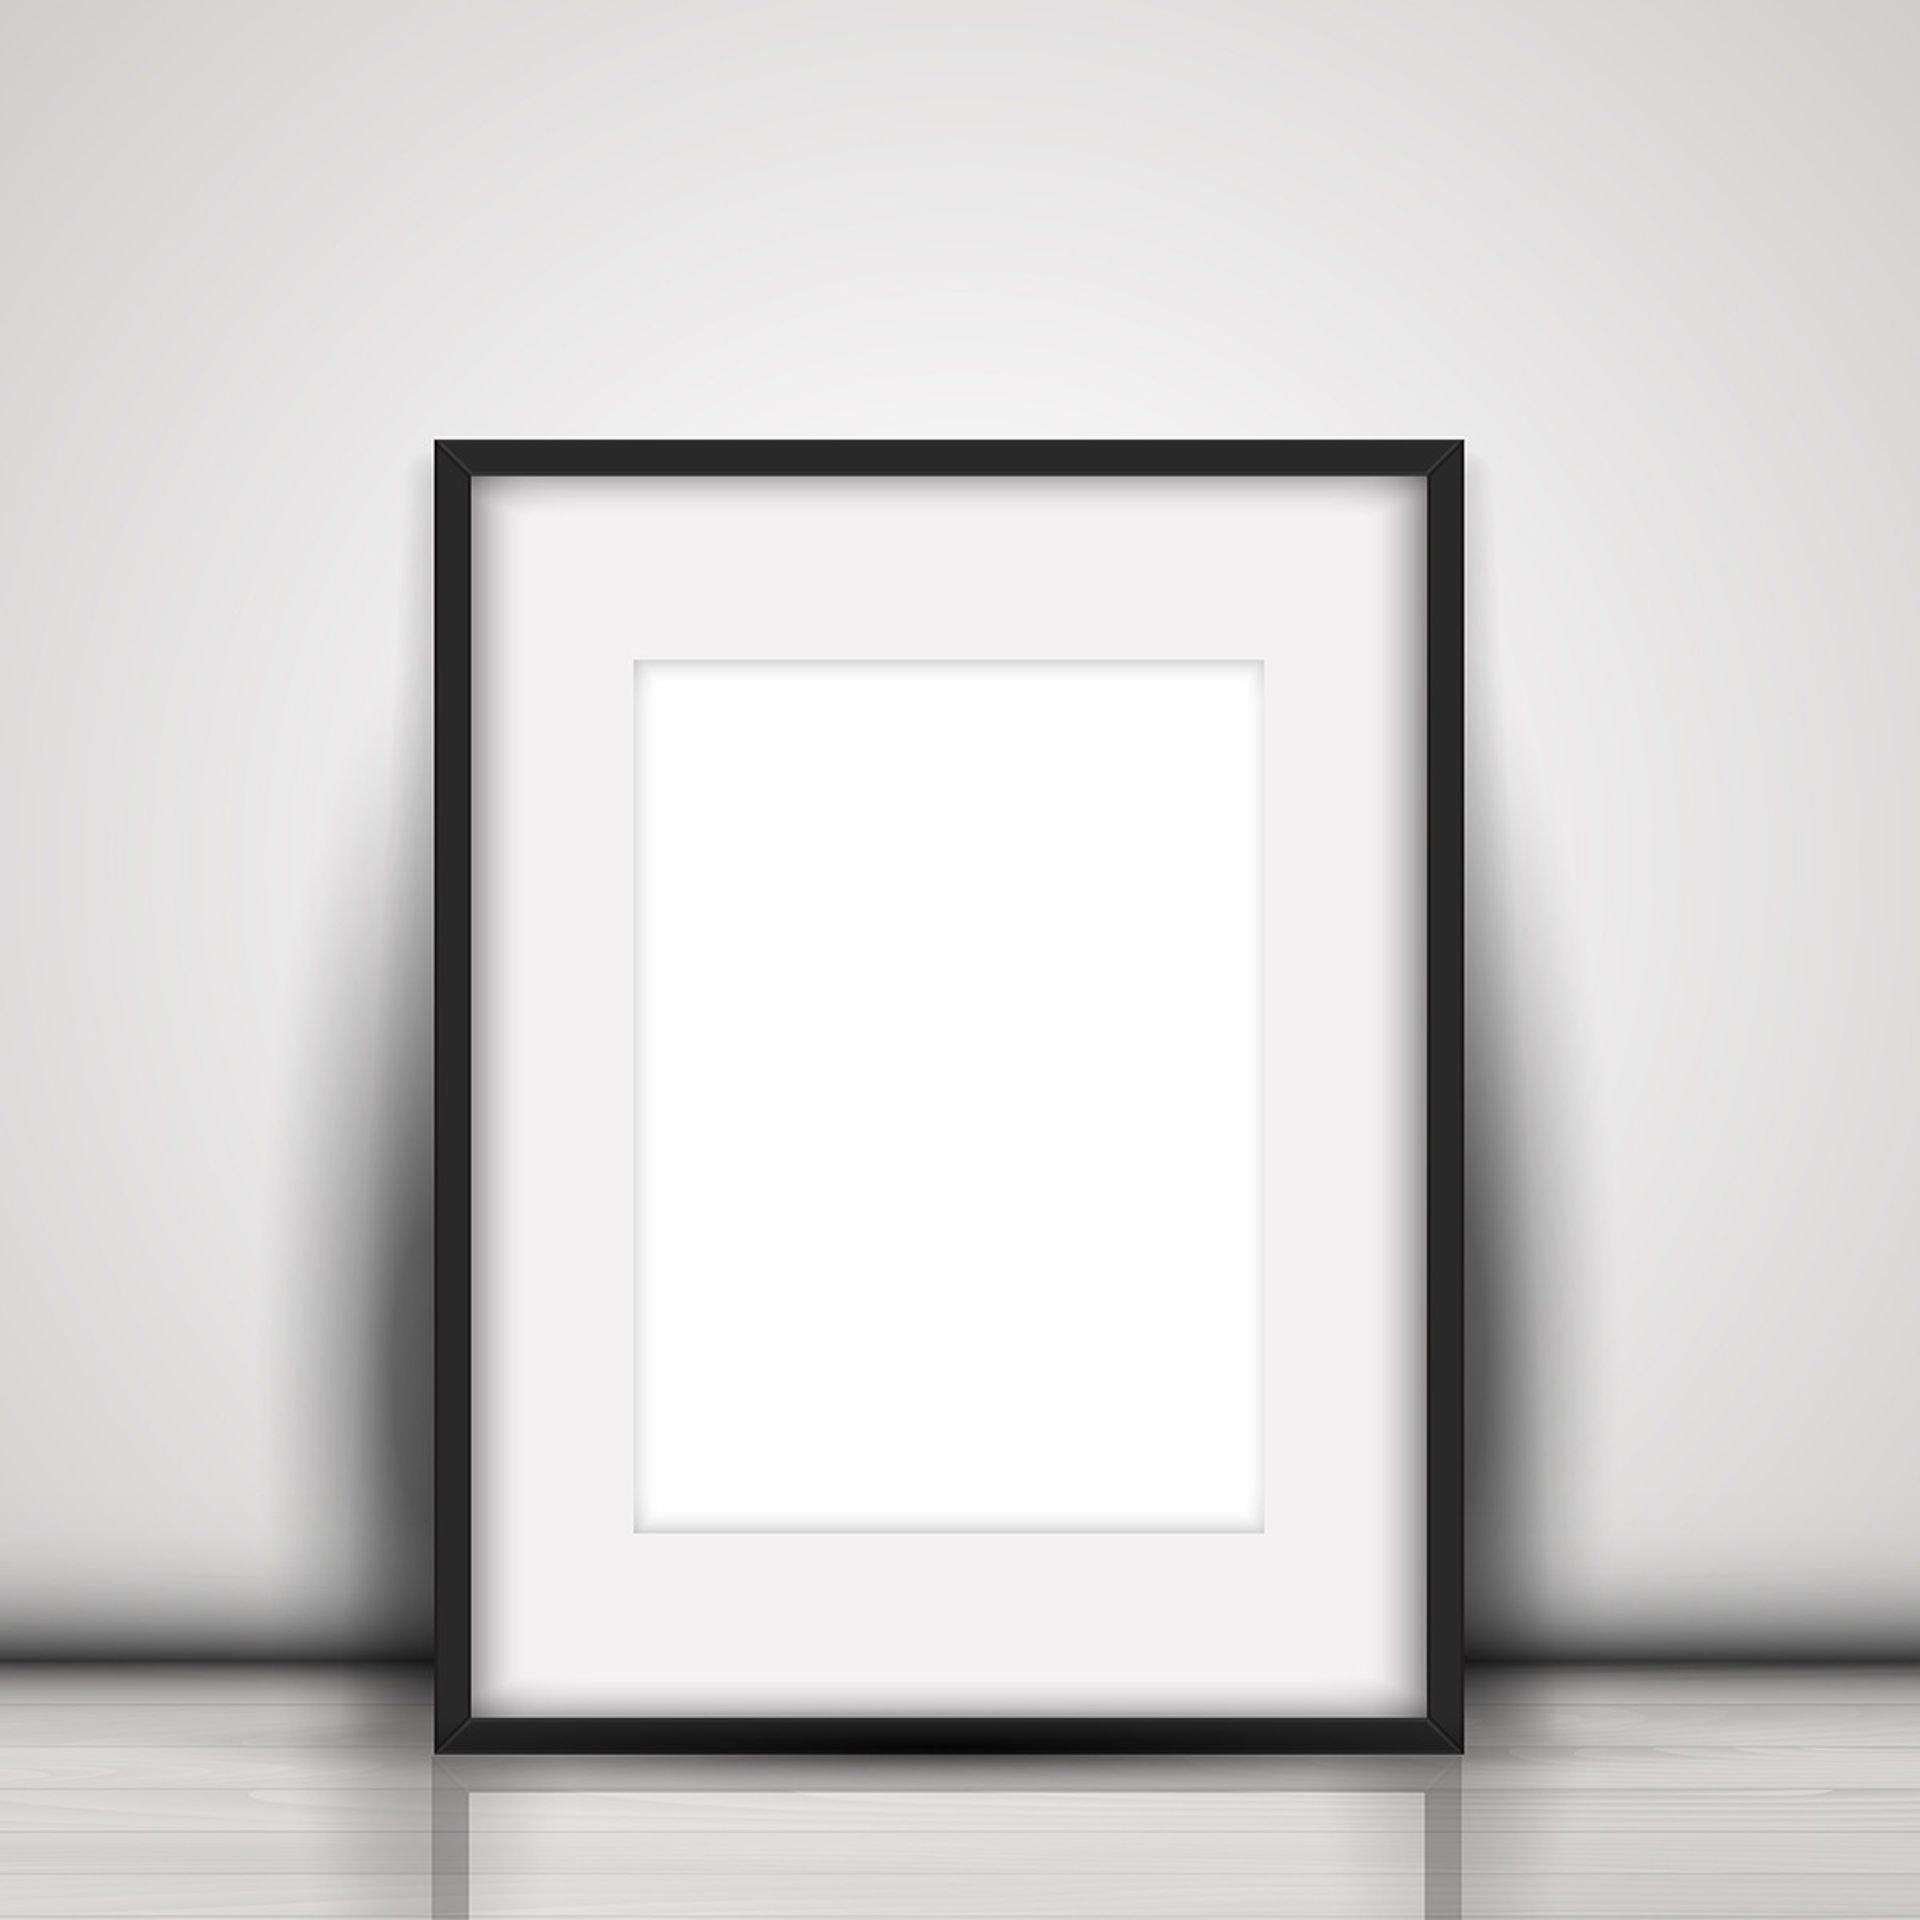 =מסגרת תמונה איכותית דגם FR9264, כולל הדפסת תמונה.